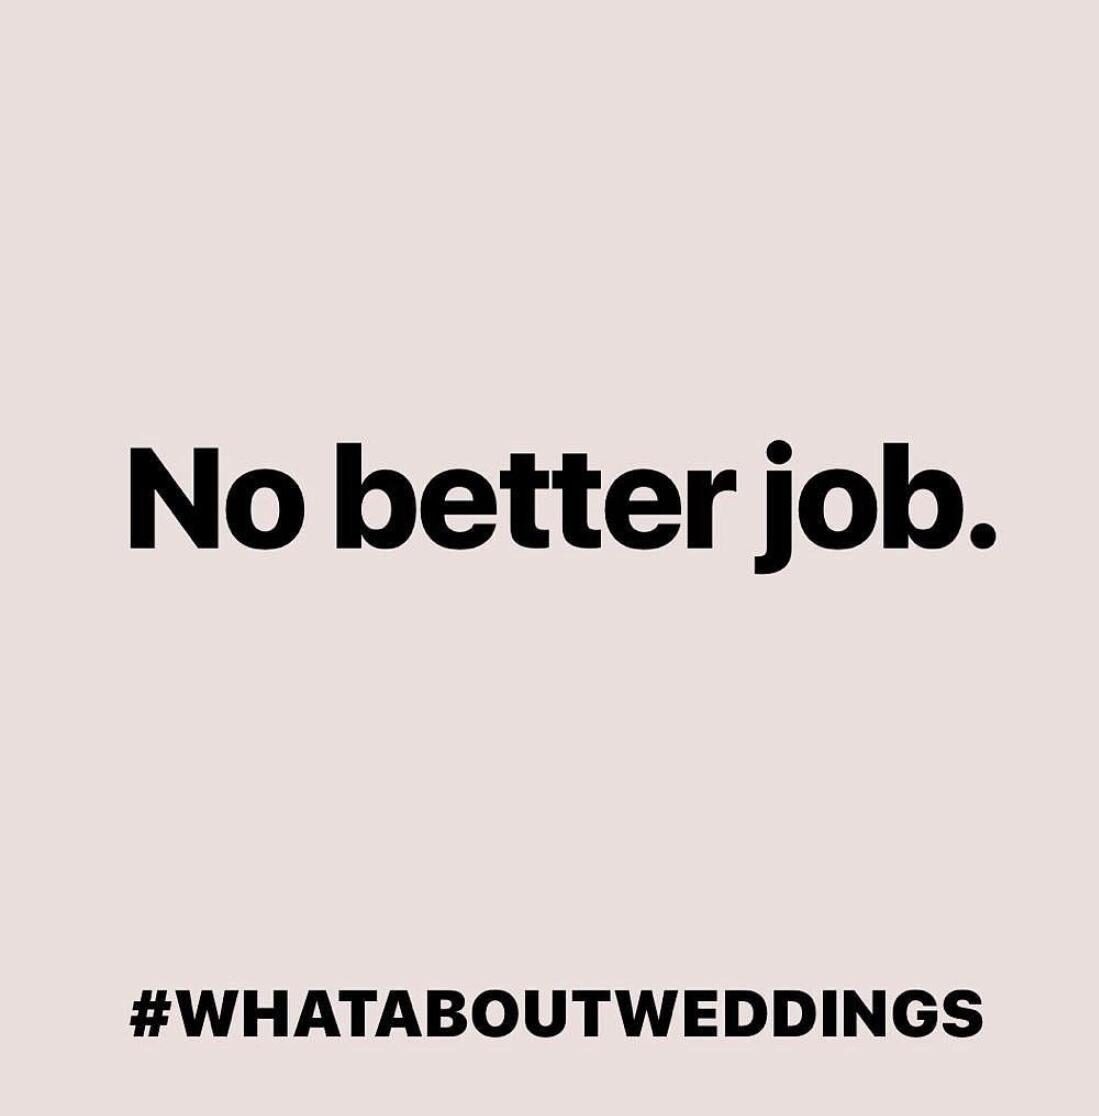 No better job. #whataboutweddings